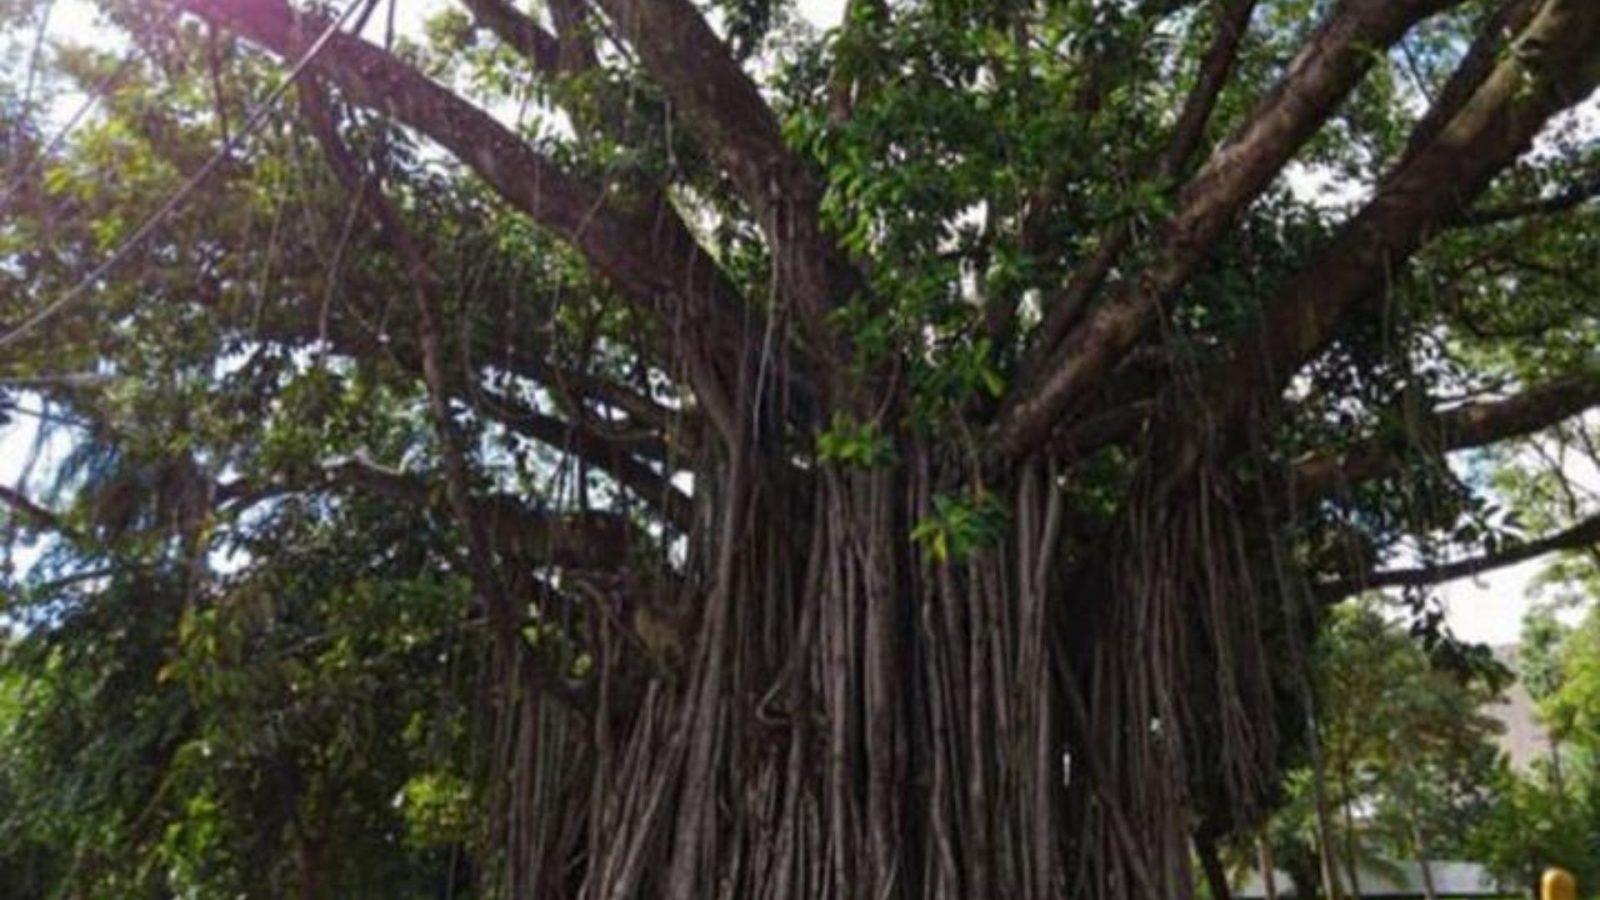 Professor se revolta com cortes de árvores em Campo Grande e escreve carta de amor a natureza.